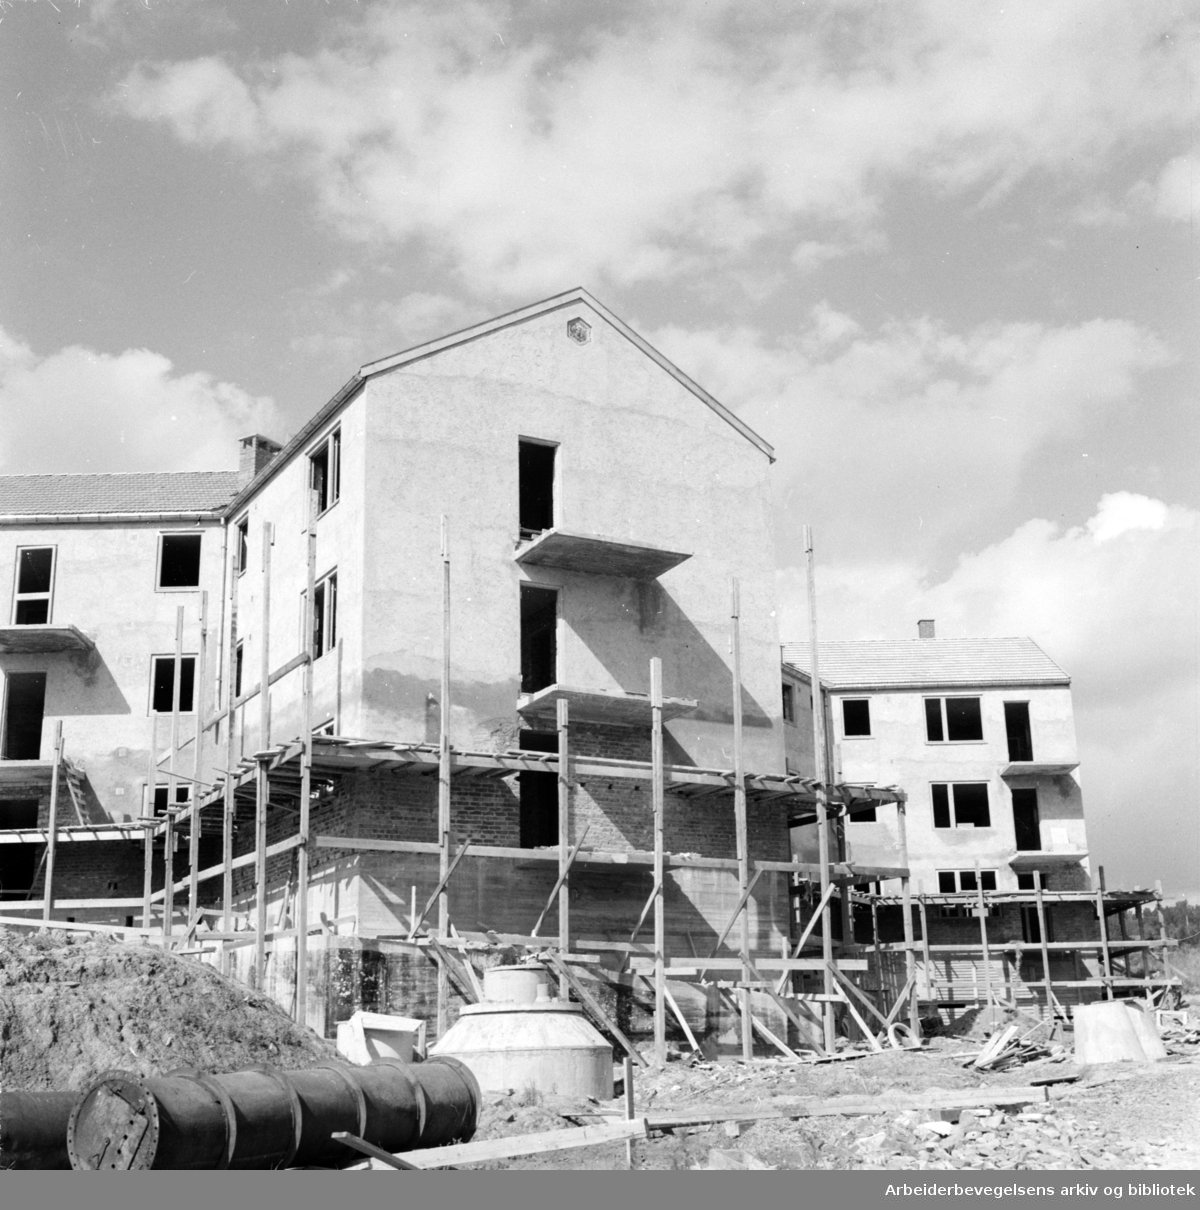 Grorud: Vestbysletta, Svenskehusfeltet. Jernbanens byggelag. Stjernehus. August 1953